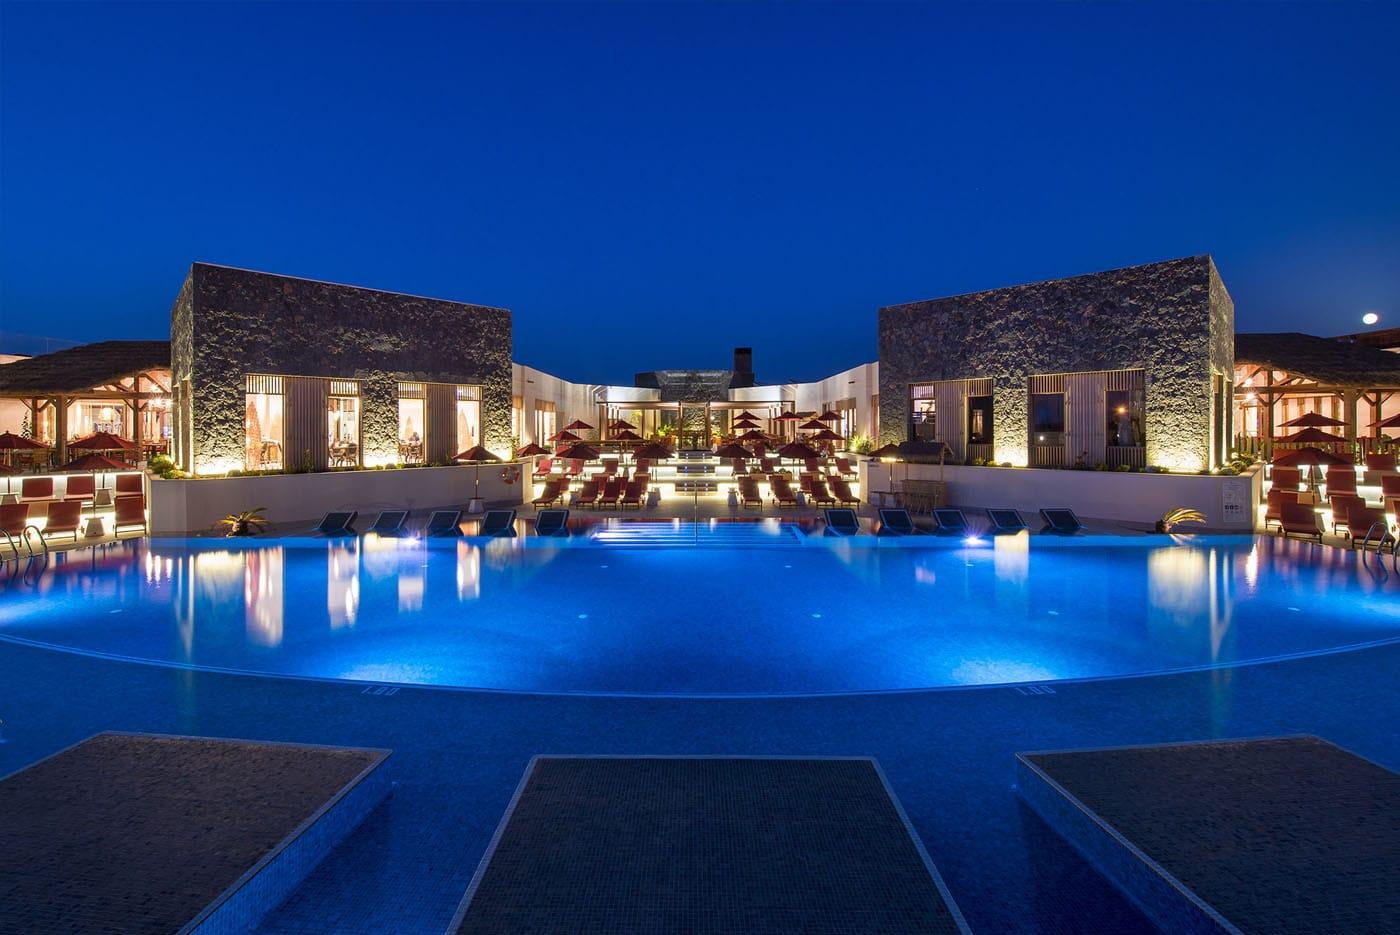 origo-mare-resort-adolfo-gosalvez-hoteles-panoramicos